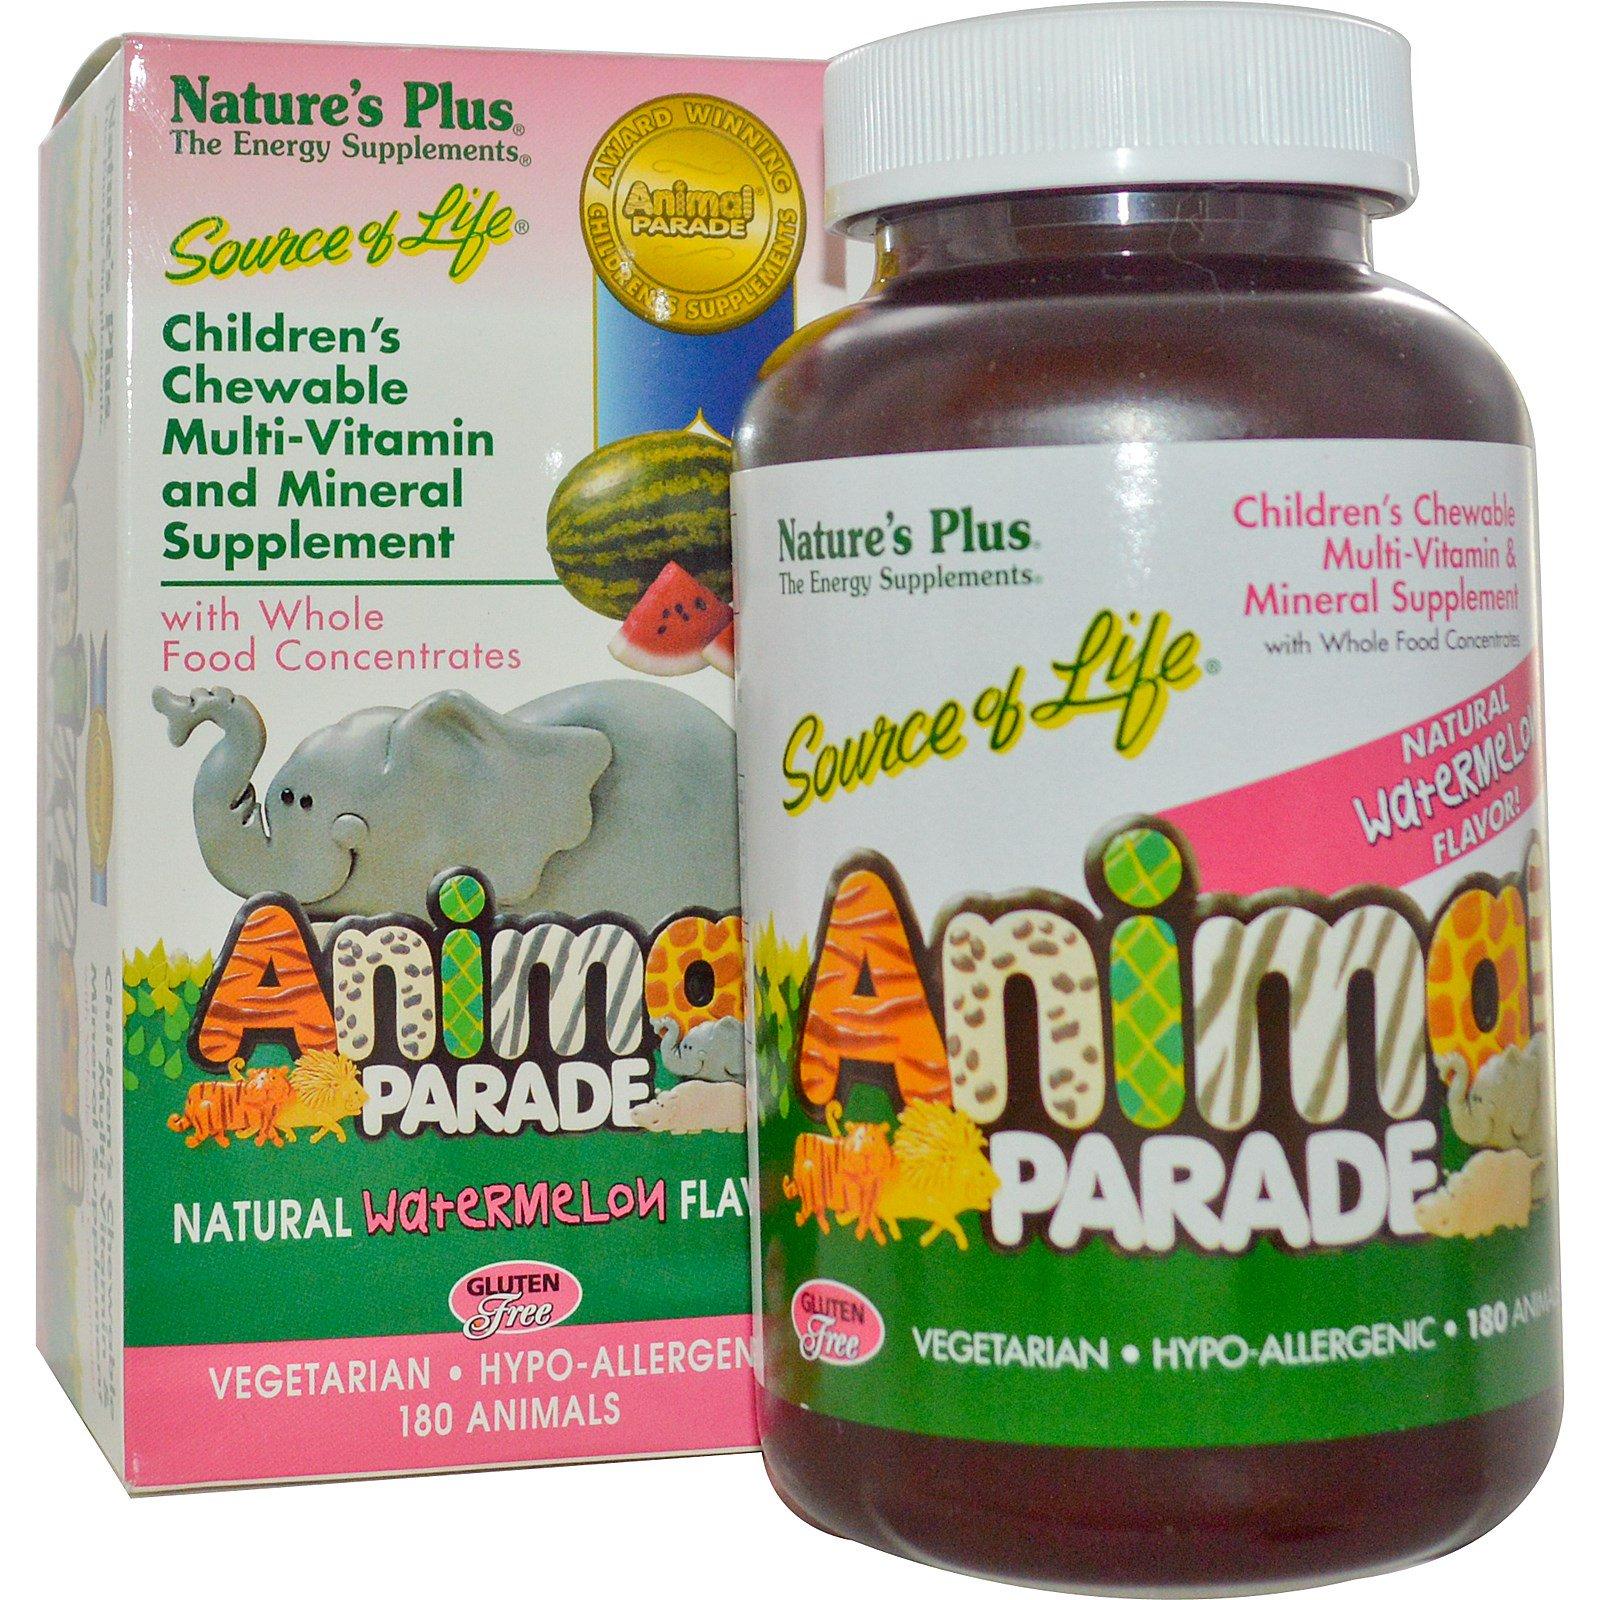 Nature's Plus, Источник жизни, парад животных, детские, жевательные, натуральный вкус арбуза, 180 желатиновых животных